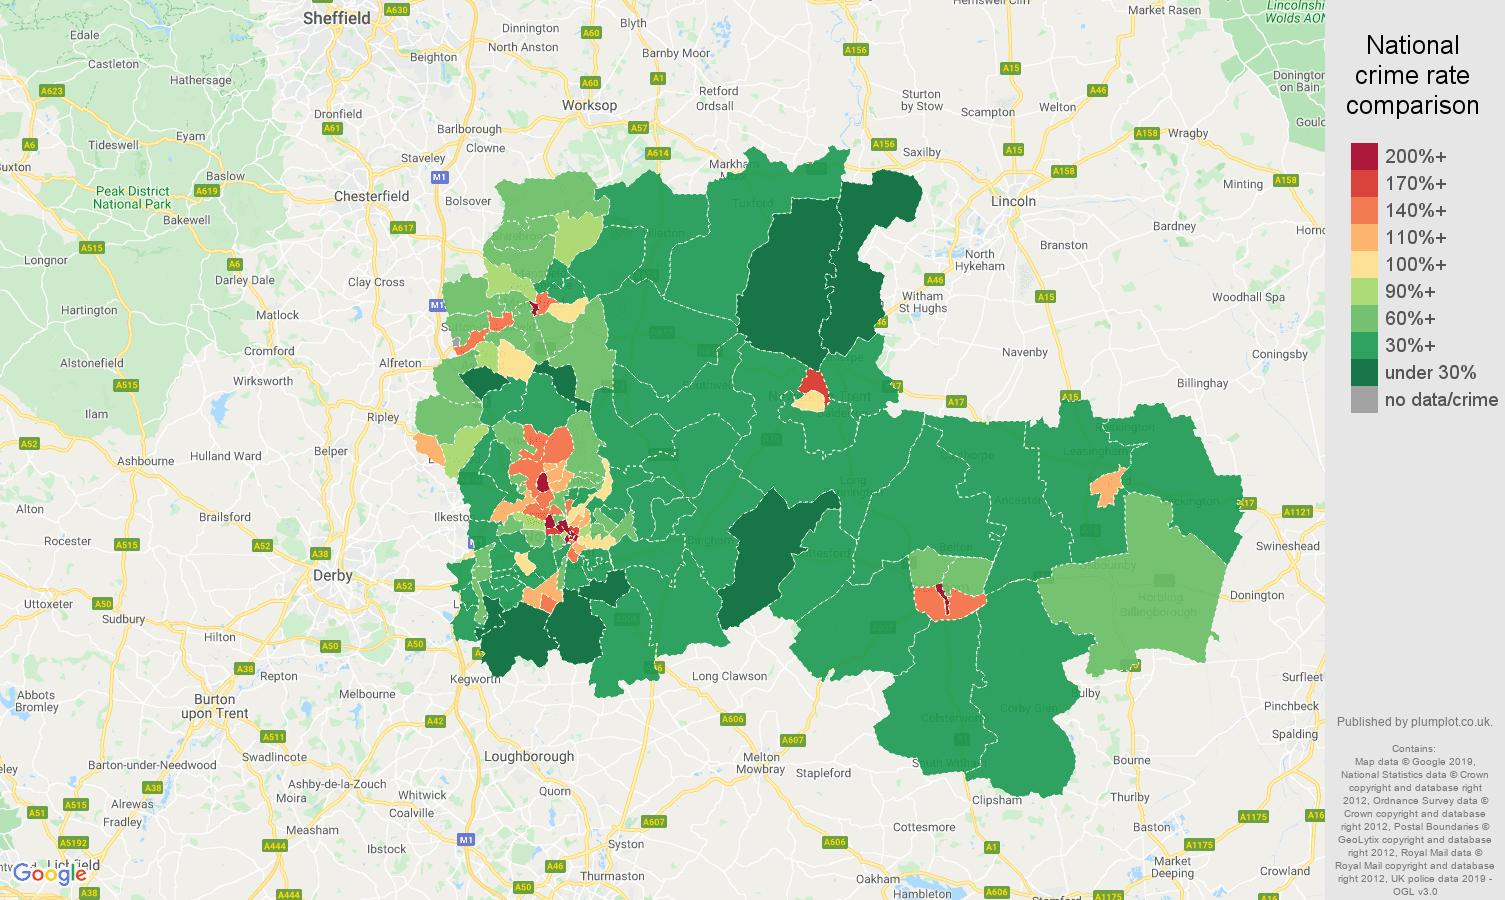 Nottingham public order crime rate comparison map